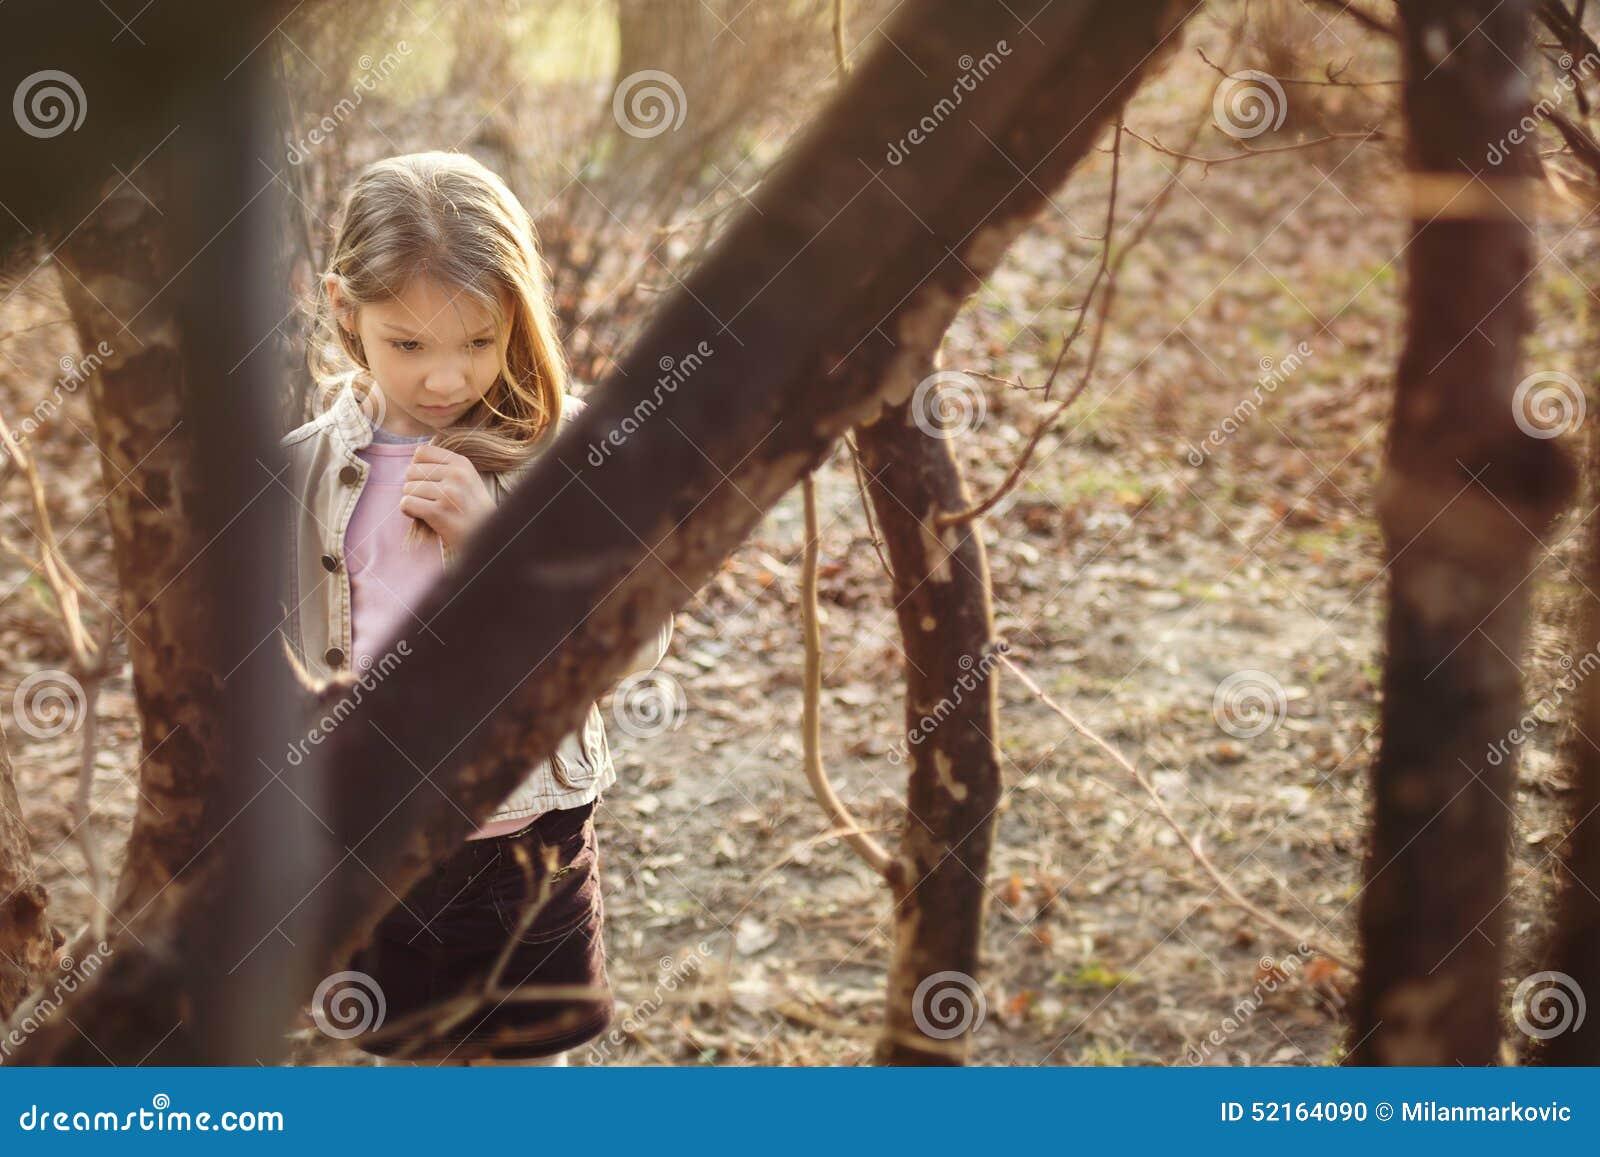 Χαμένο μικρό κορίτσι